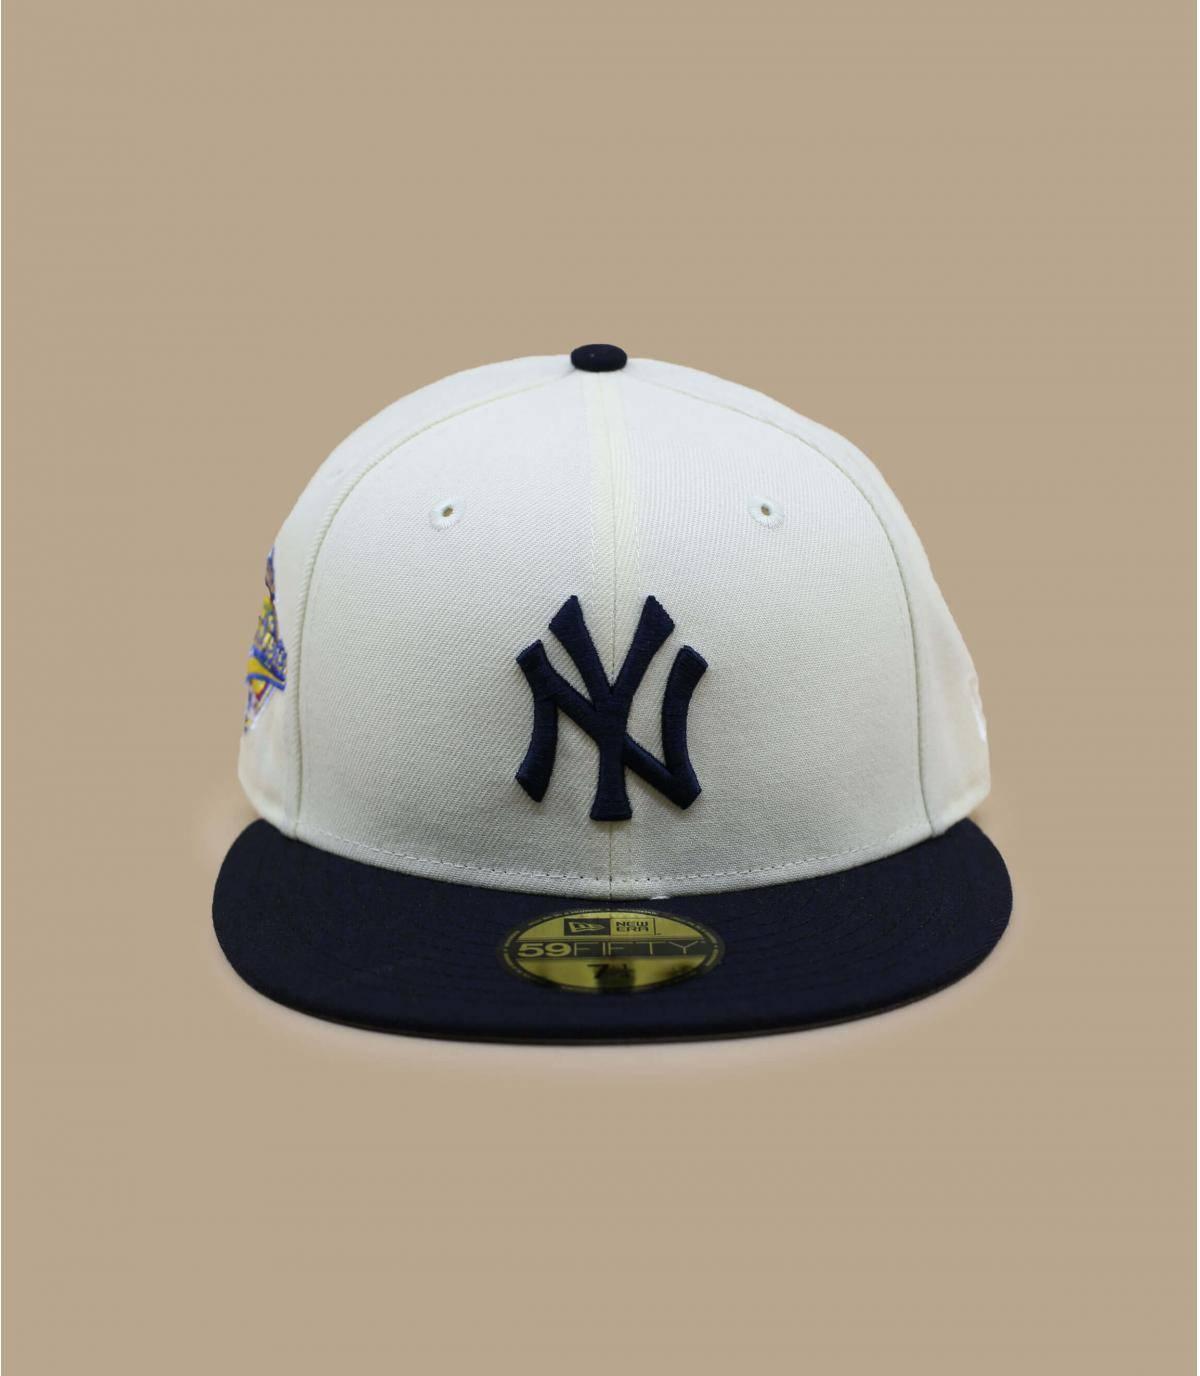 World Series NY cap